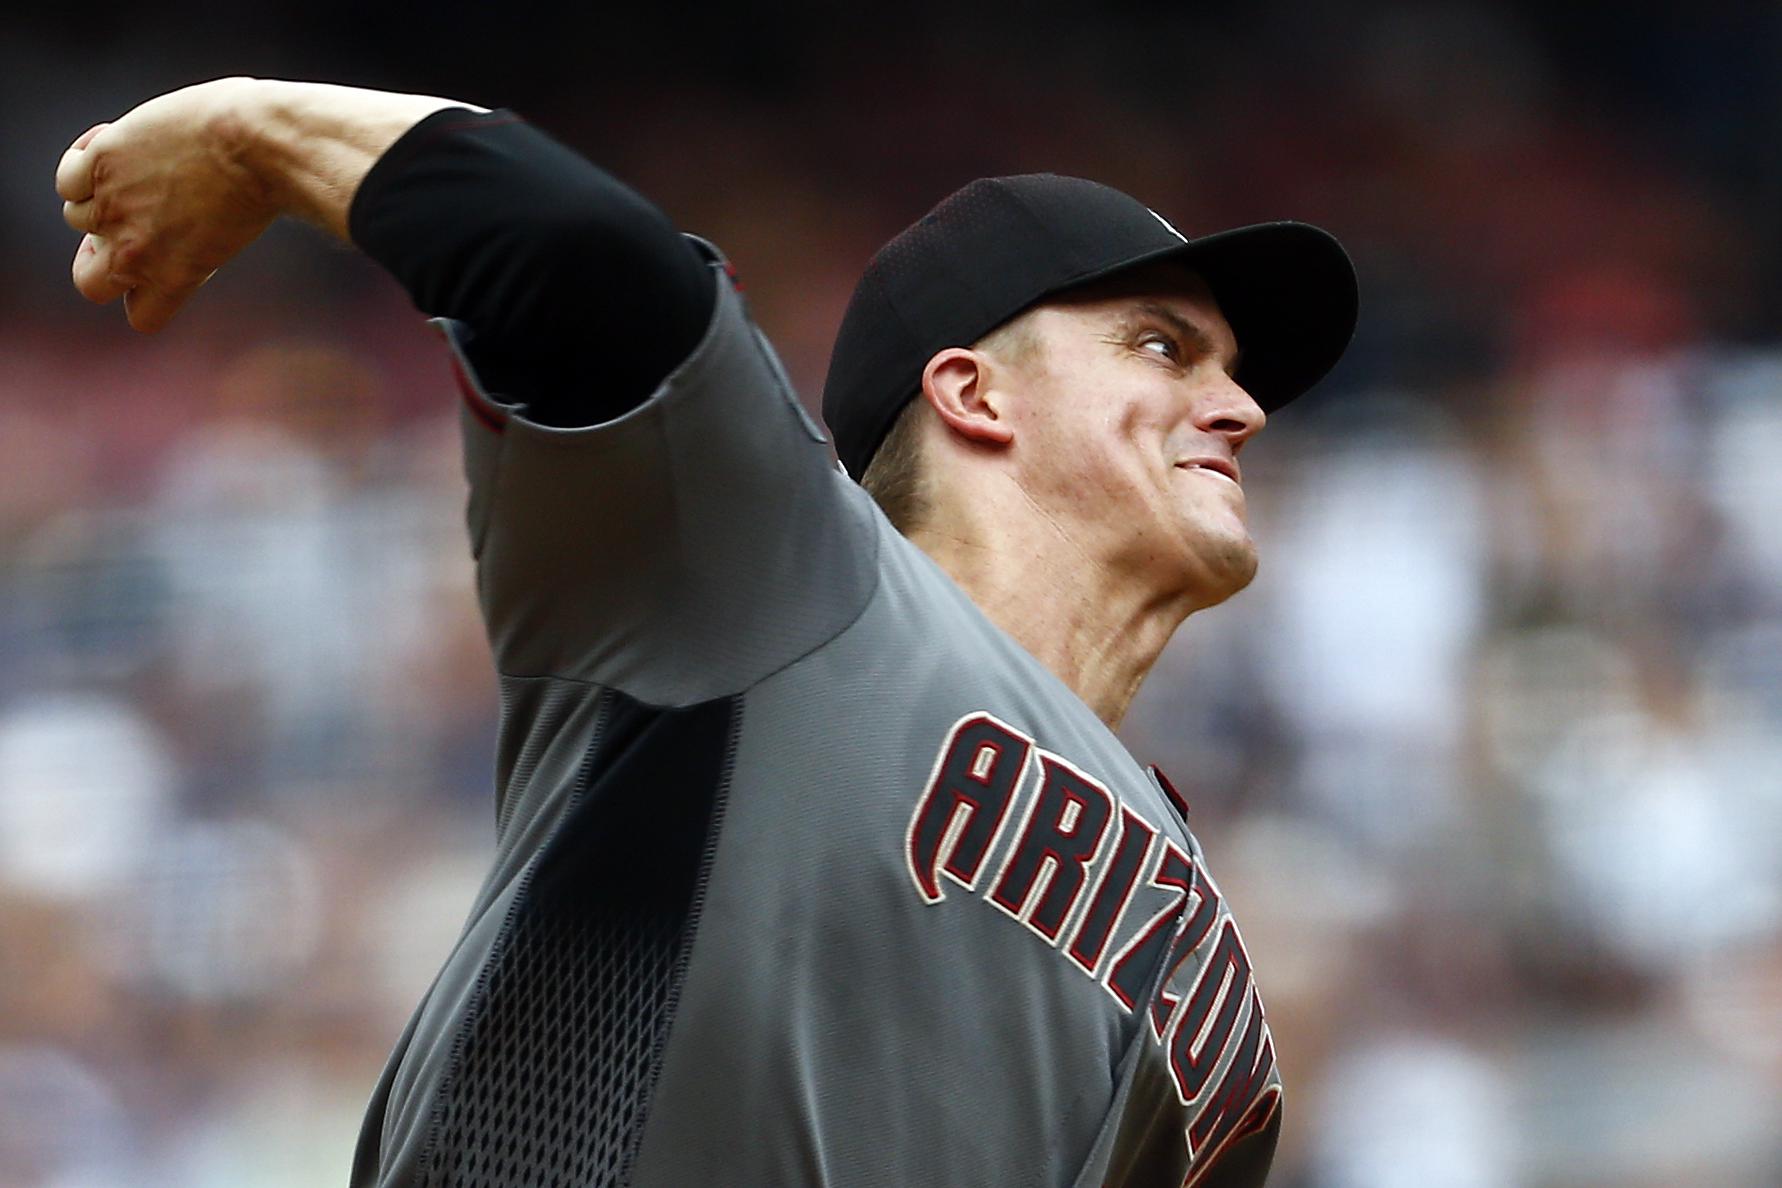 Houston Astros acquire Zack Greinke, Aaron Sanchez in major trade deadline push